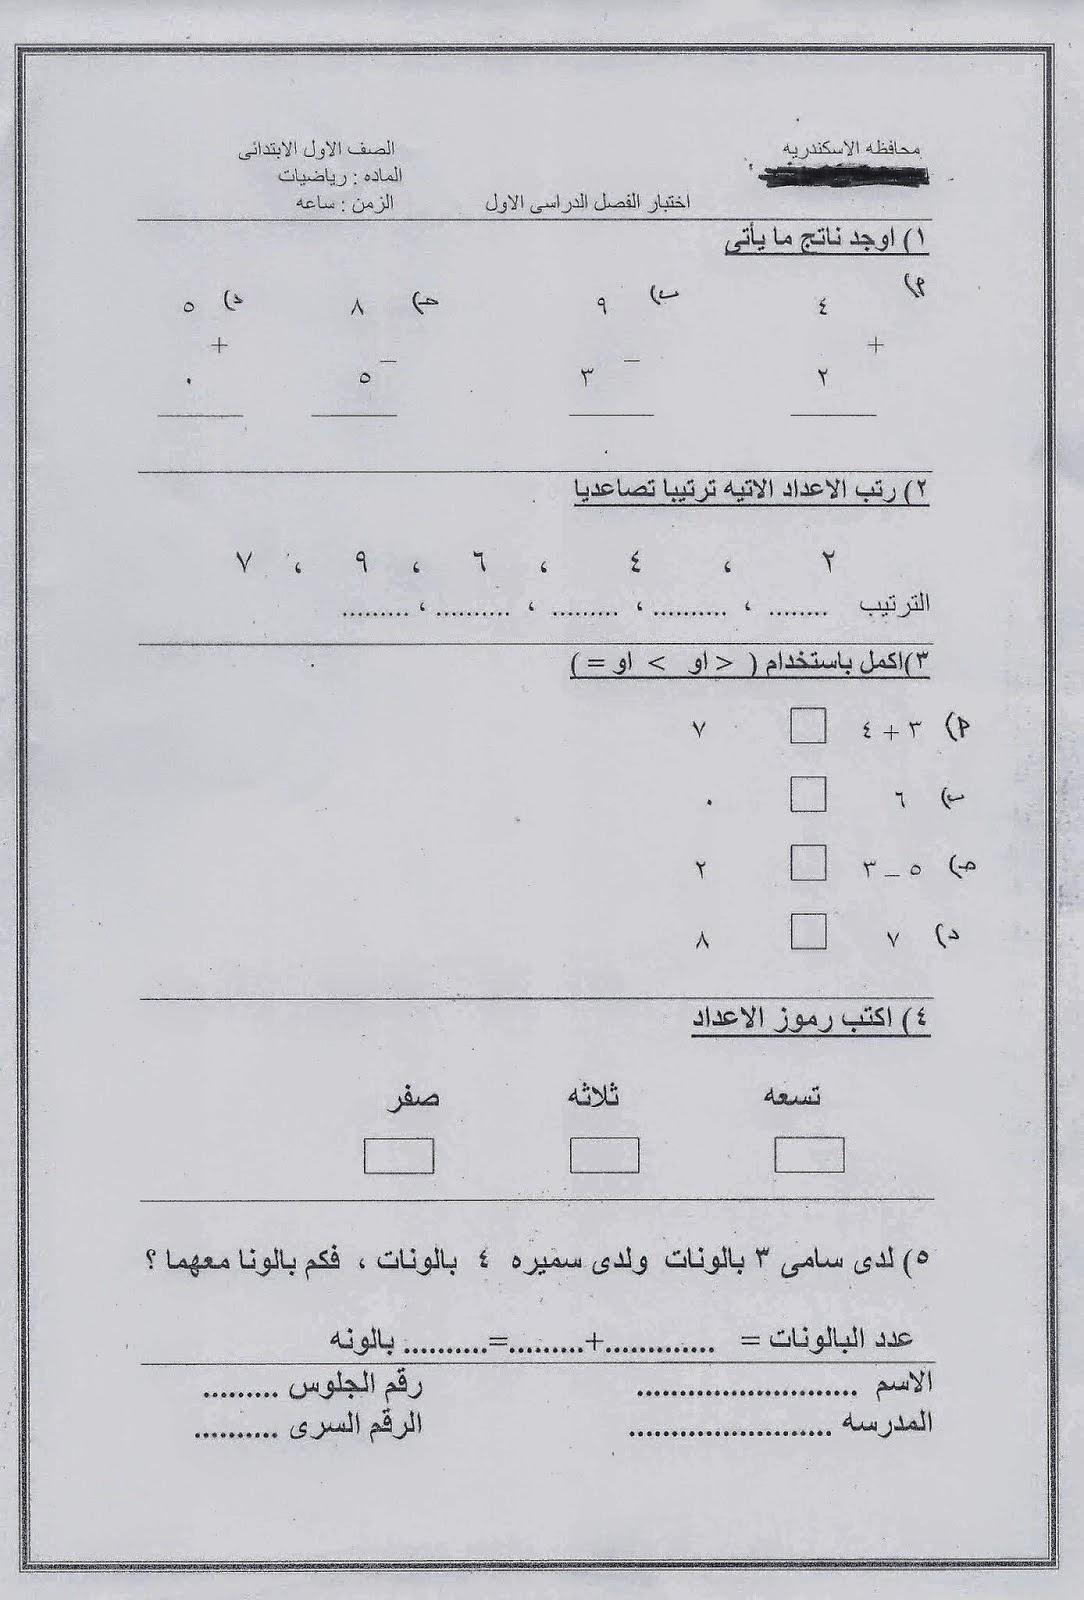 امتحانات كل مواد الاول الابتدائي الترم الأول 2015 مدارس مصر عربى ولغات scan0069.jpg